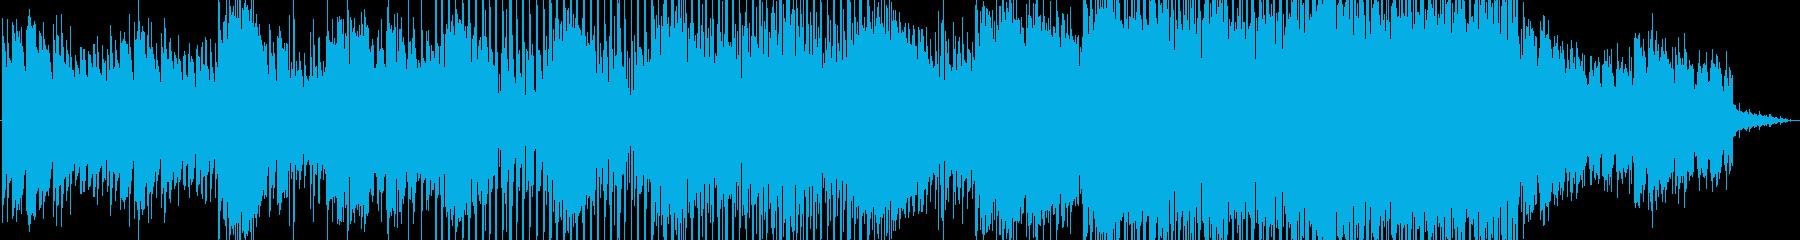 代替案 ポップ ドラマチック ピア...の再生済みの波形